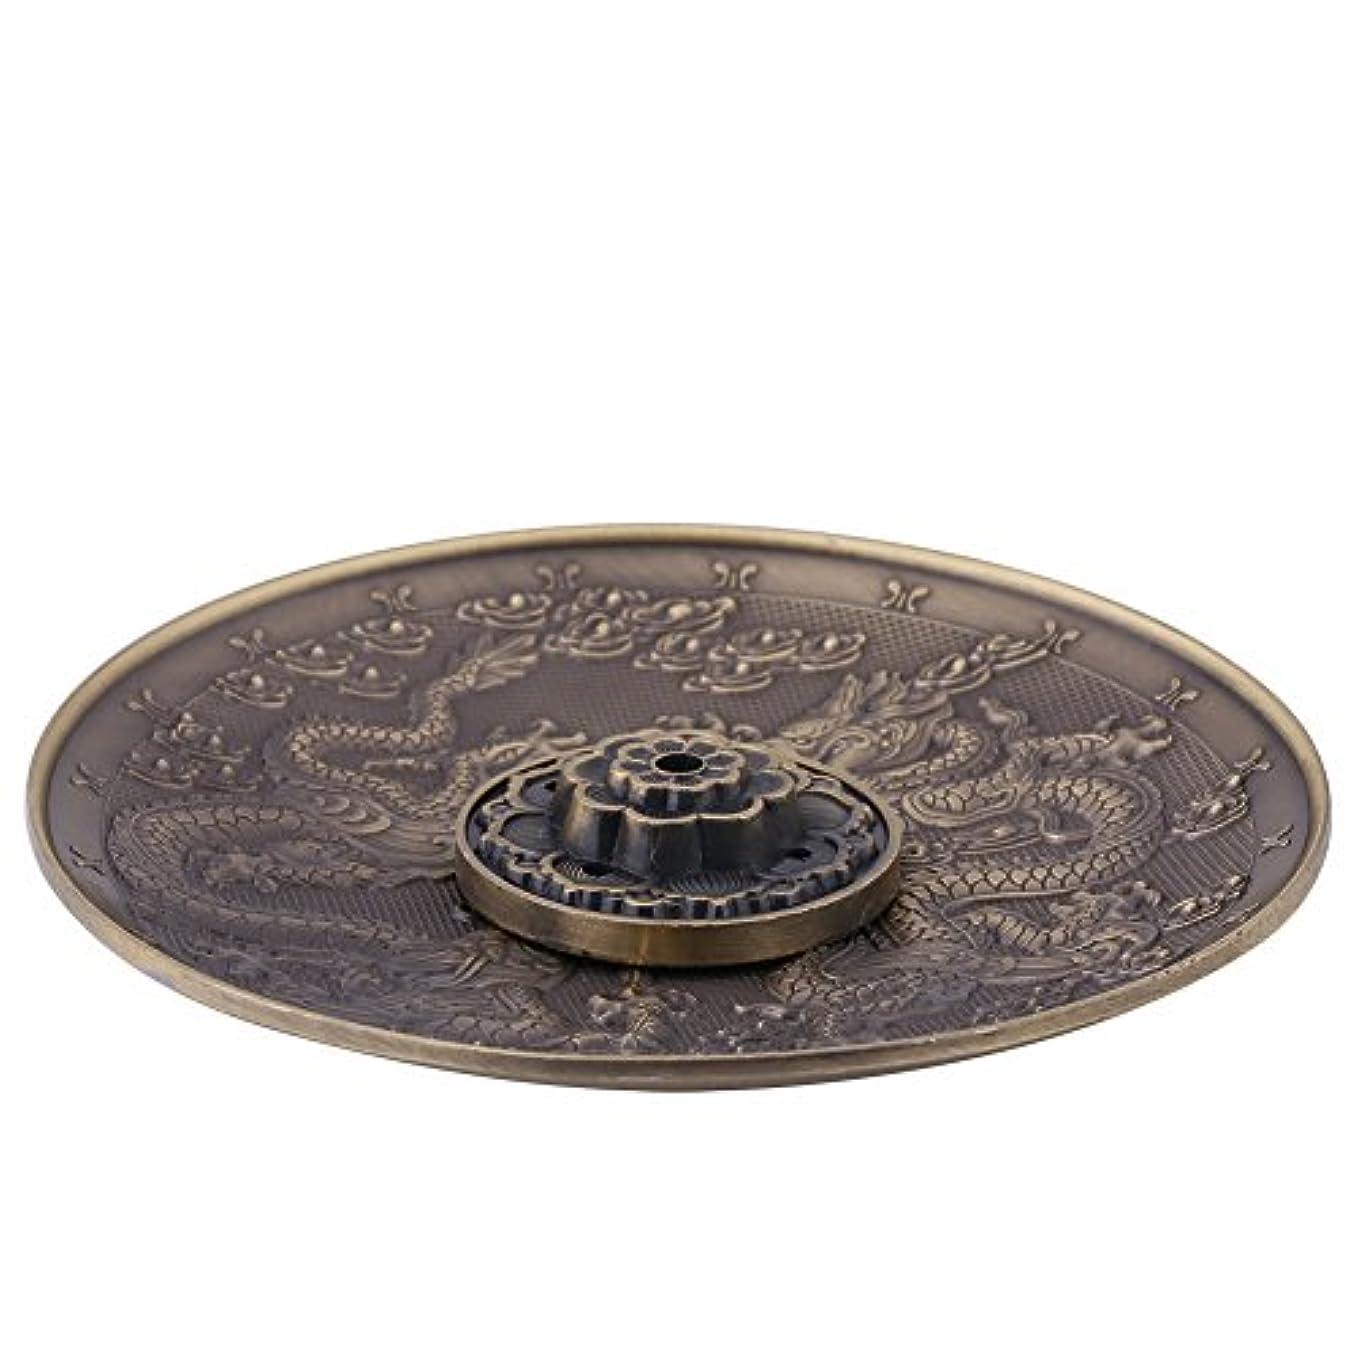 頑固な雑種減衰香皿 亜鉛の香り バーナーホルダー寝室の神殿のオフィスのためのドラゴンパターンの香炉プレート(ブロンズ)